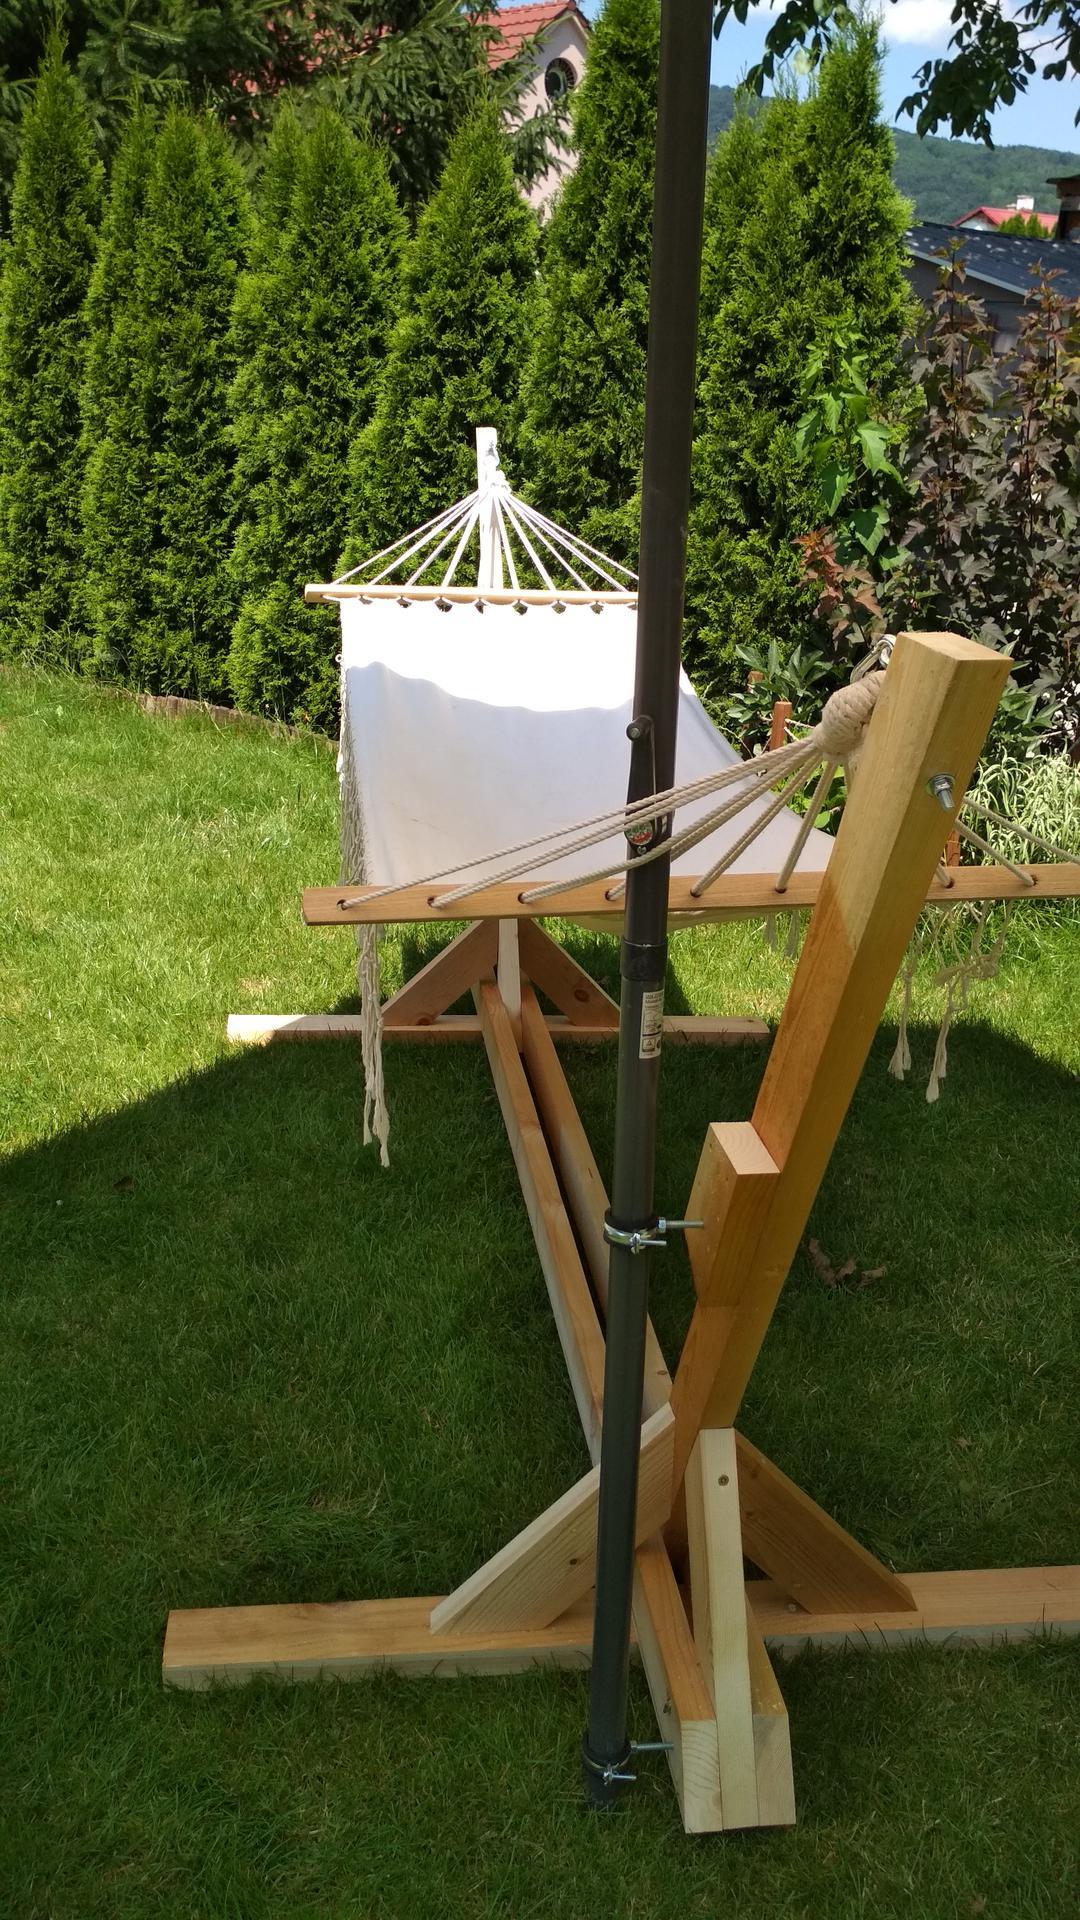 Drevený stojan na hojdaciu sieť... relax v záhrade - Obrázok č. 18